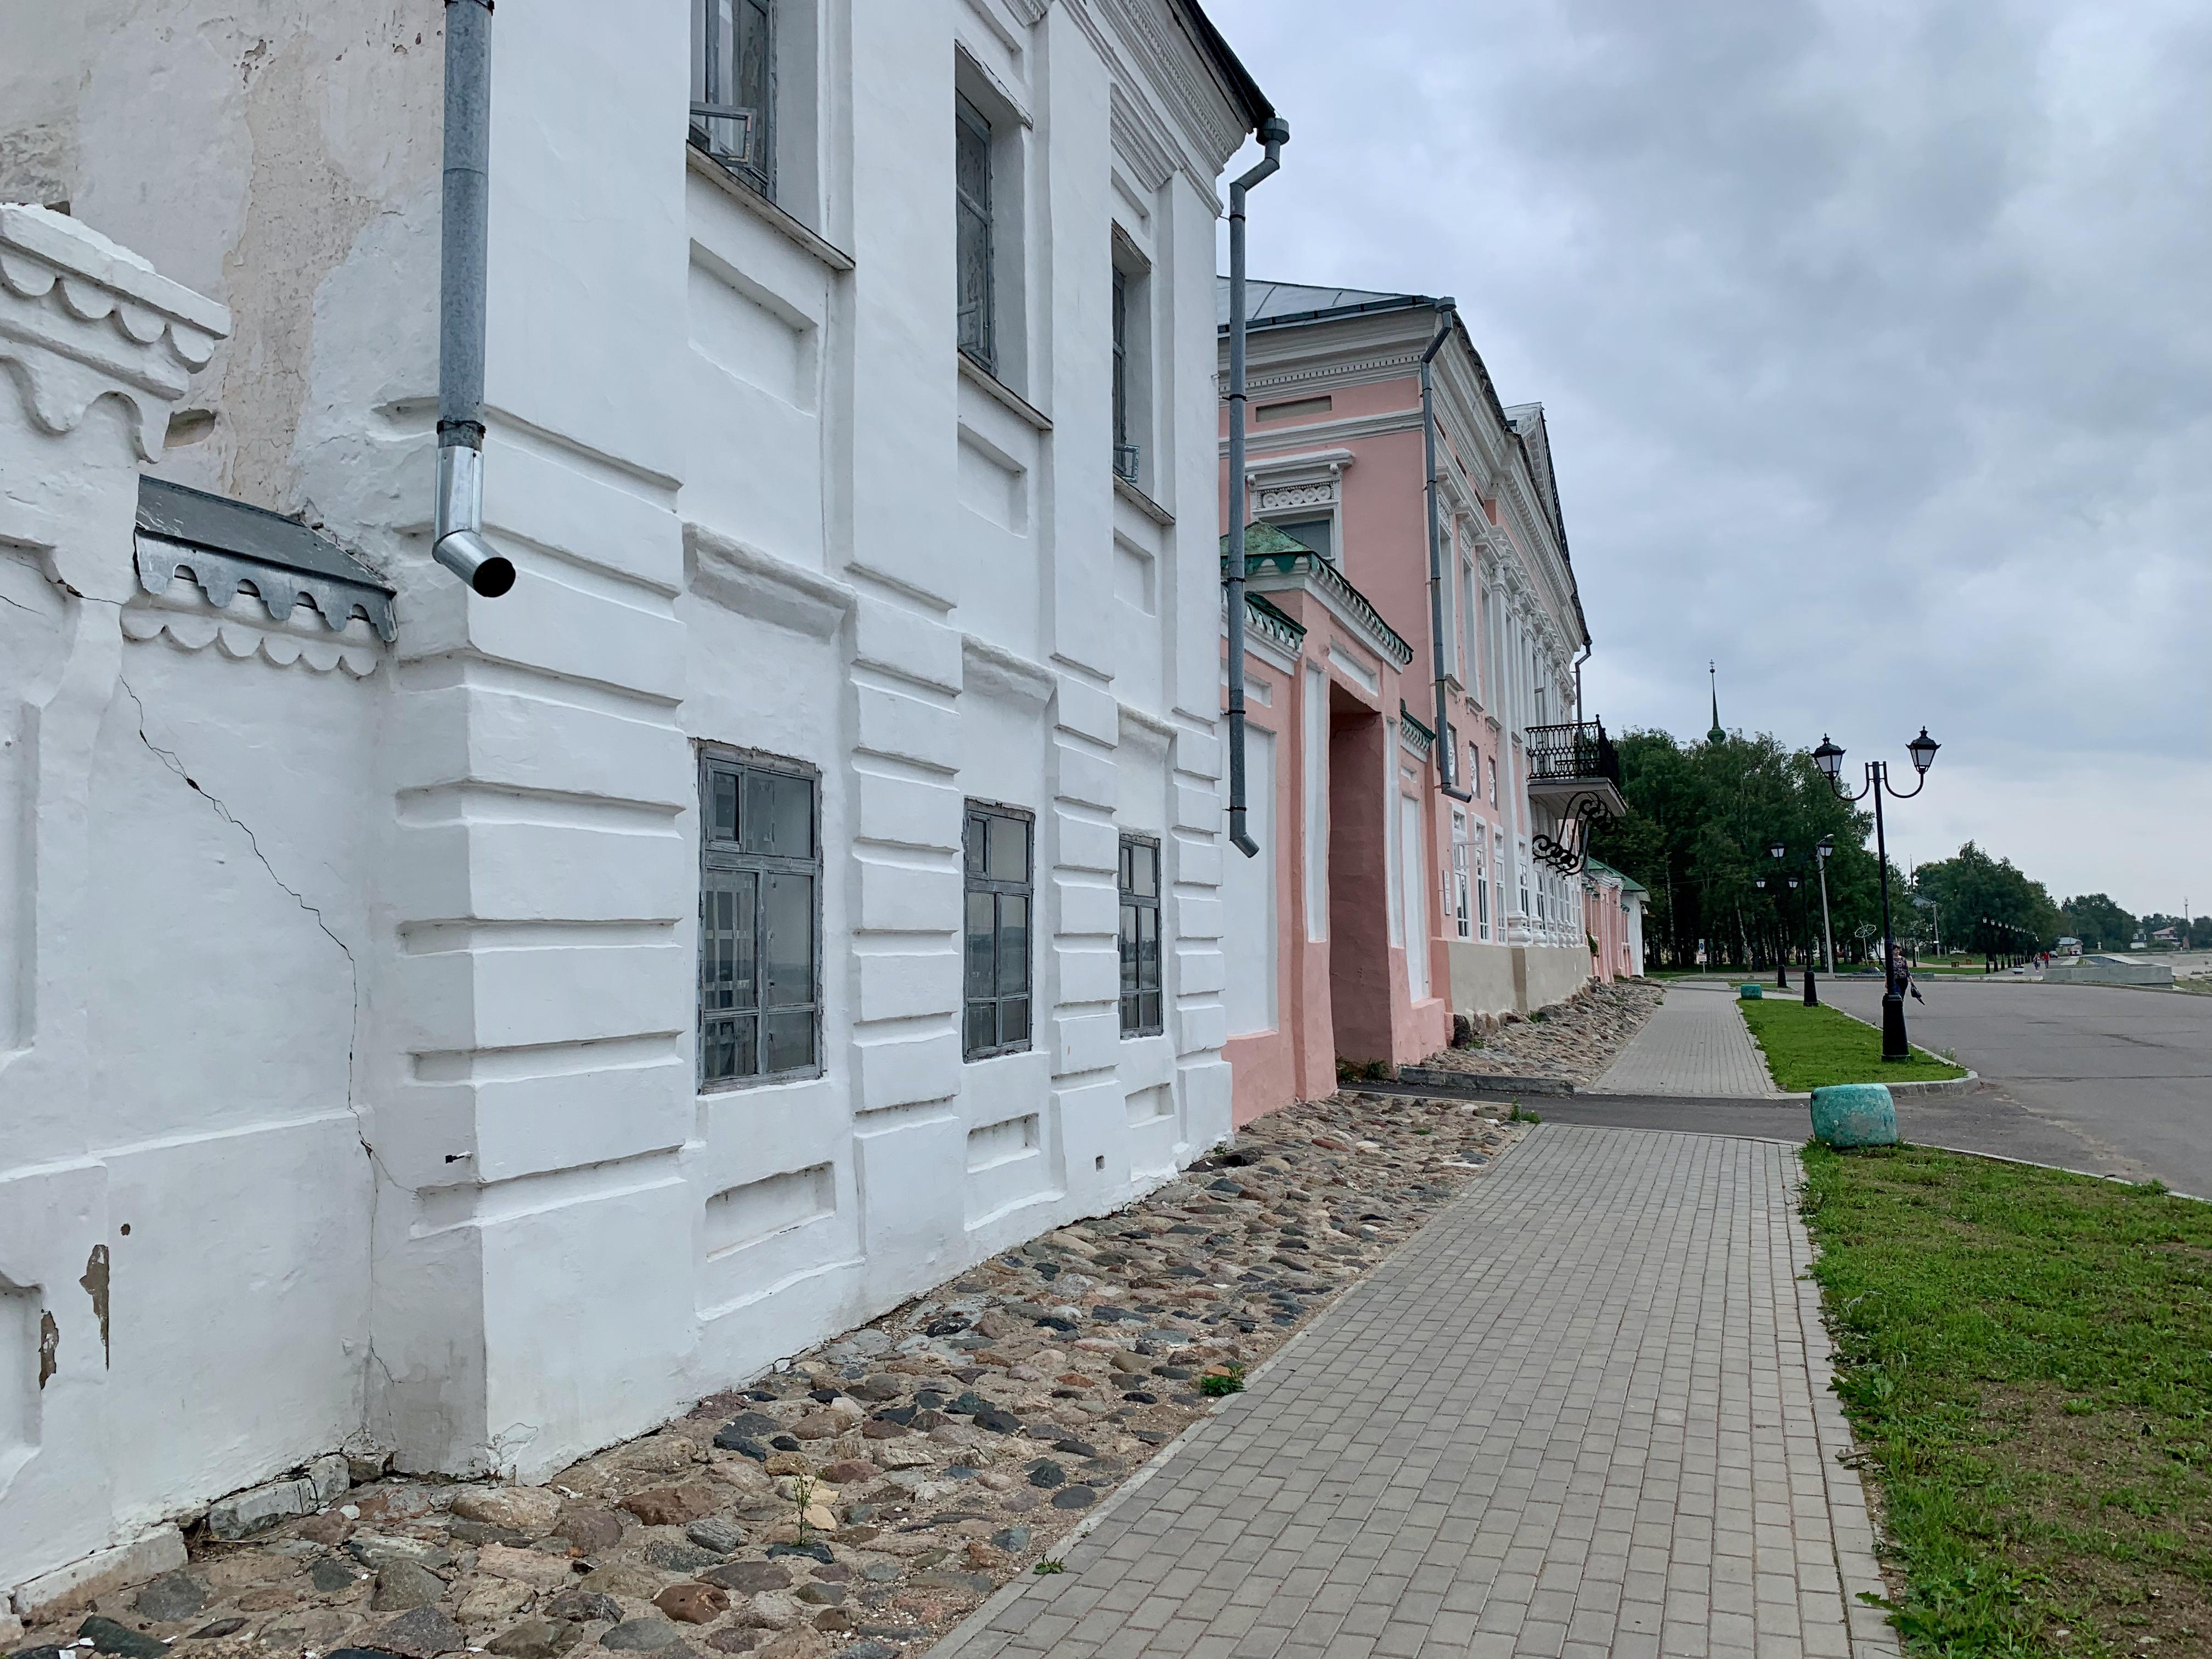 Розовое здание — это музей.